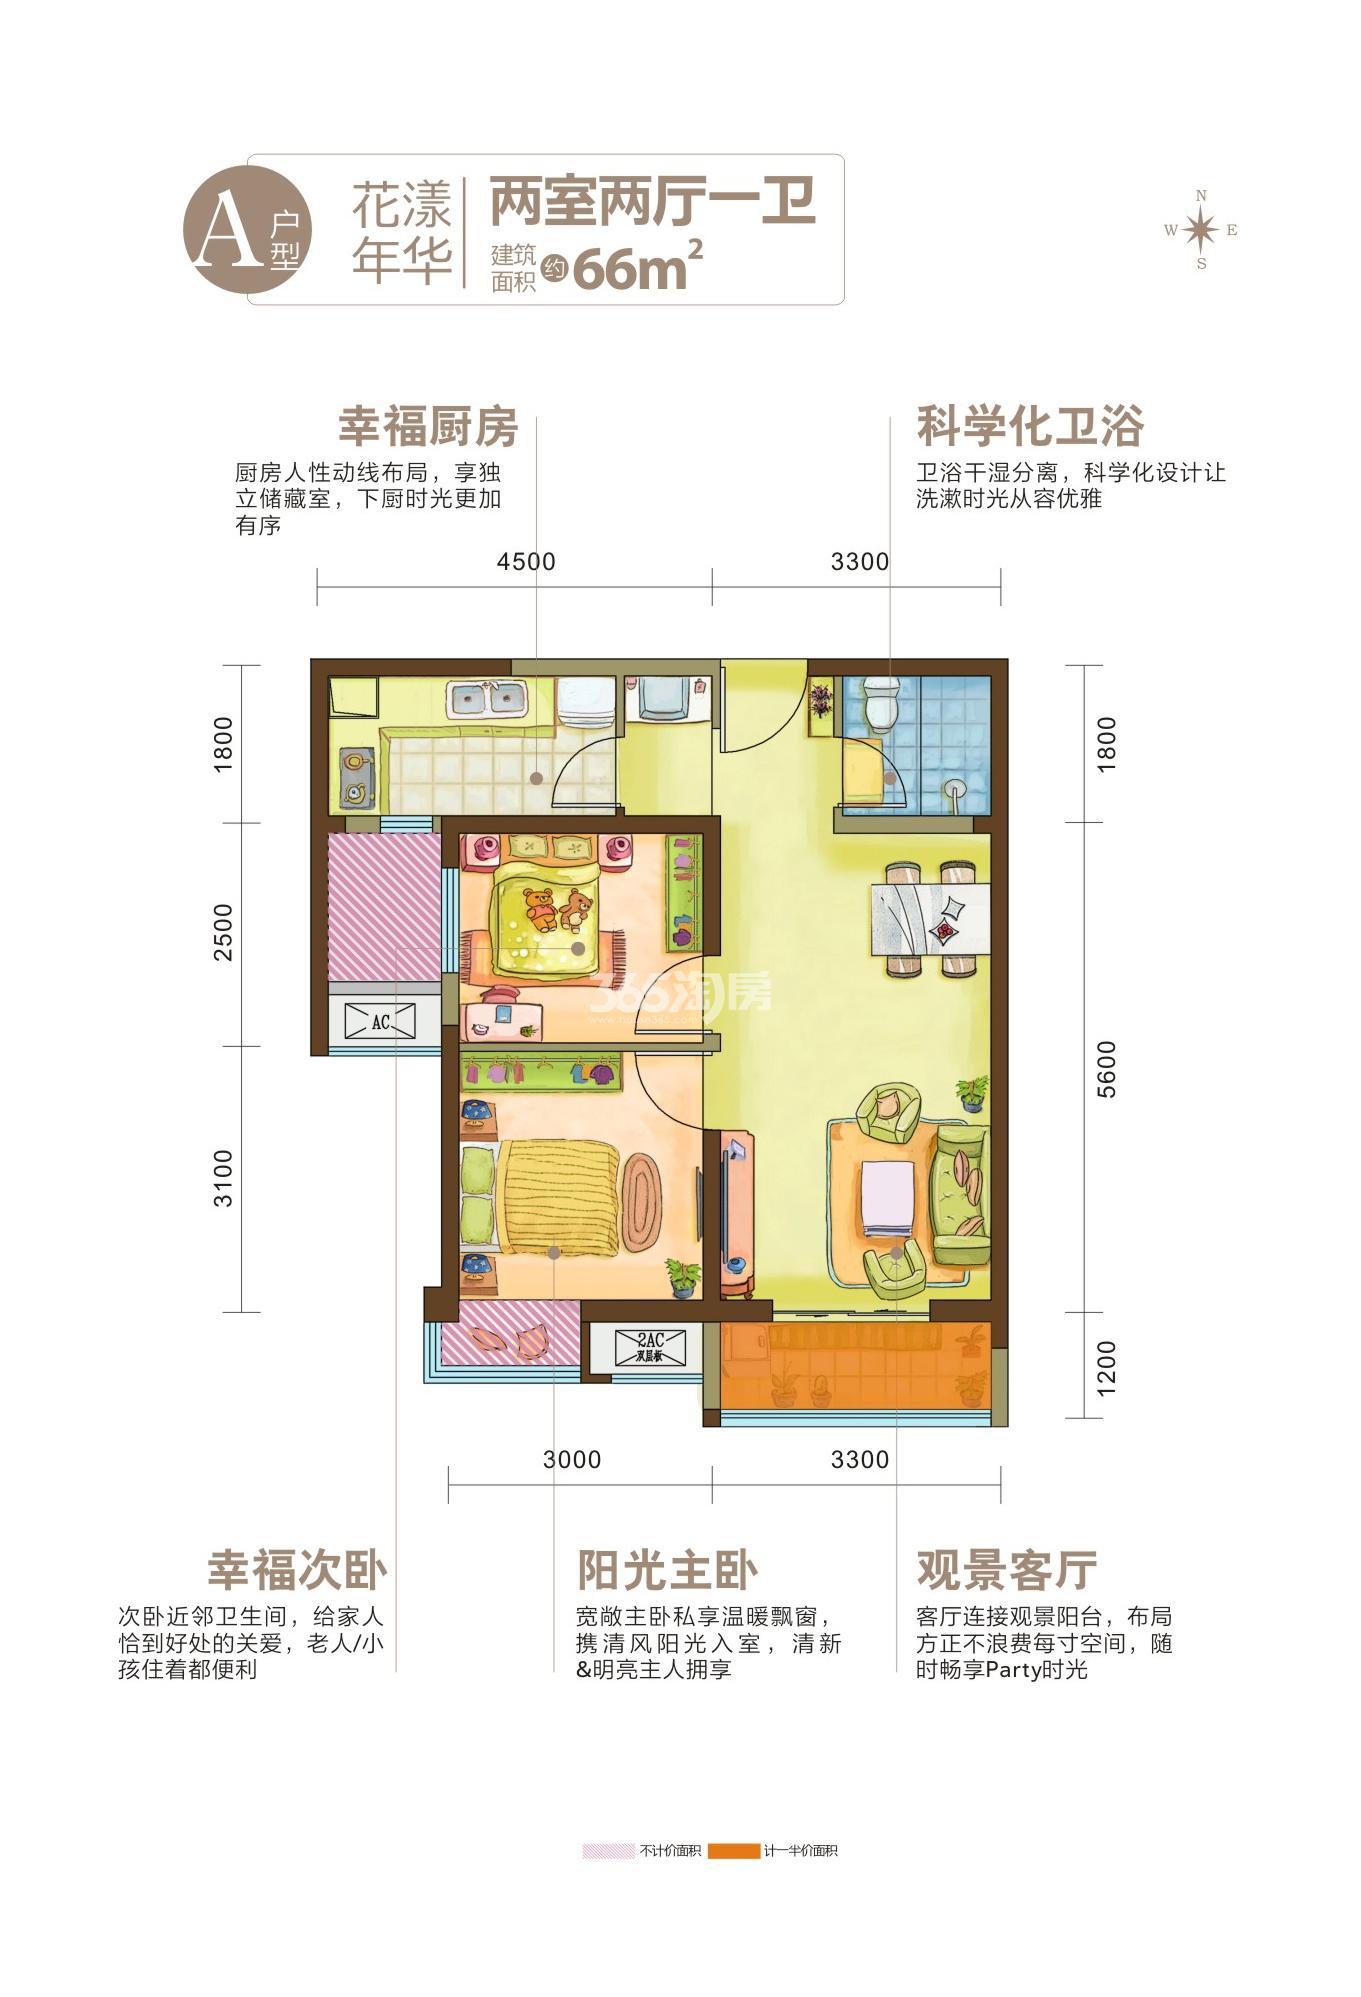 御锦城9期智慧树两室两厅一卫66㎡